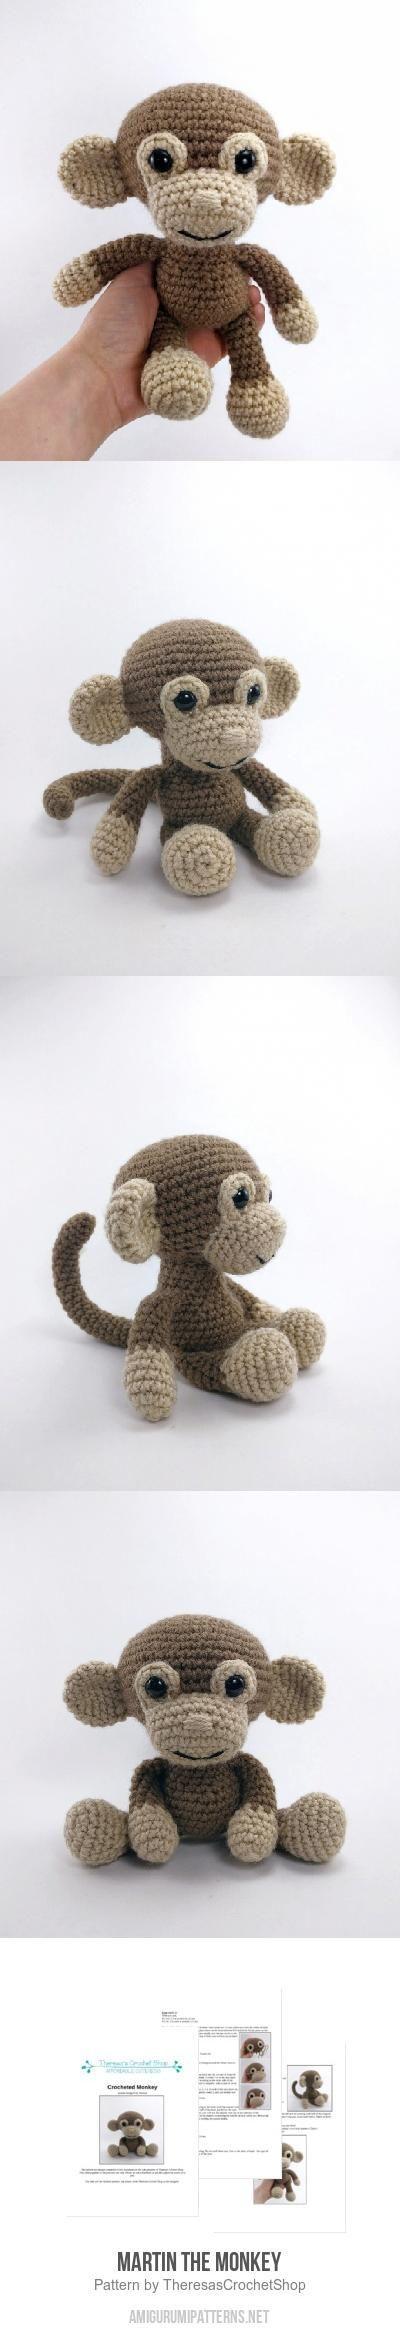 Martin the Monkey amigurumi pattern